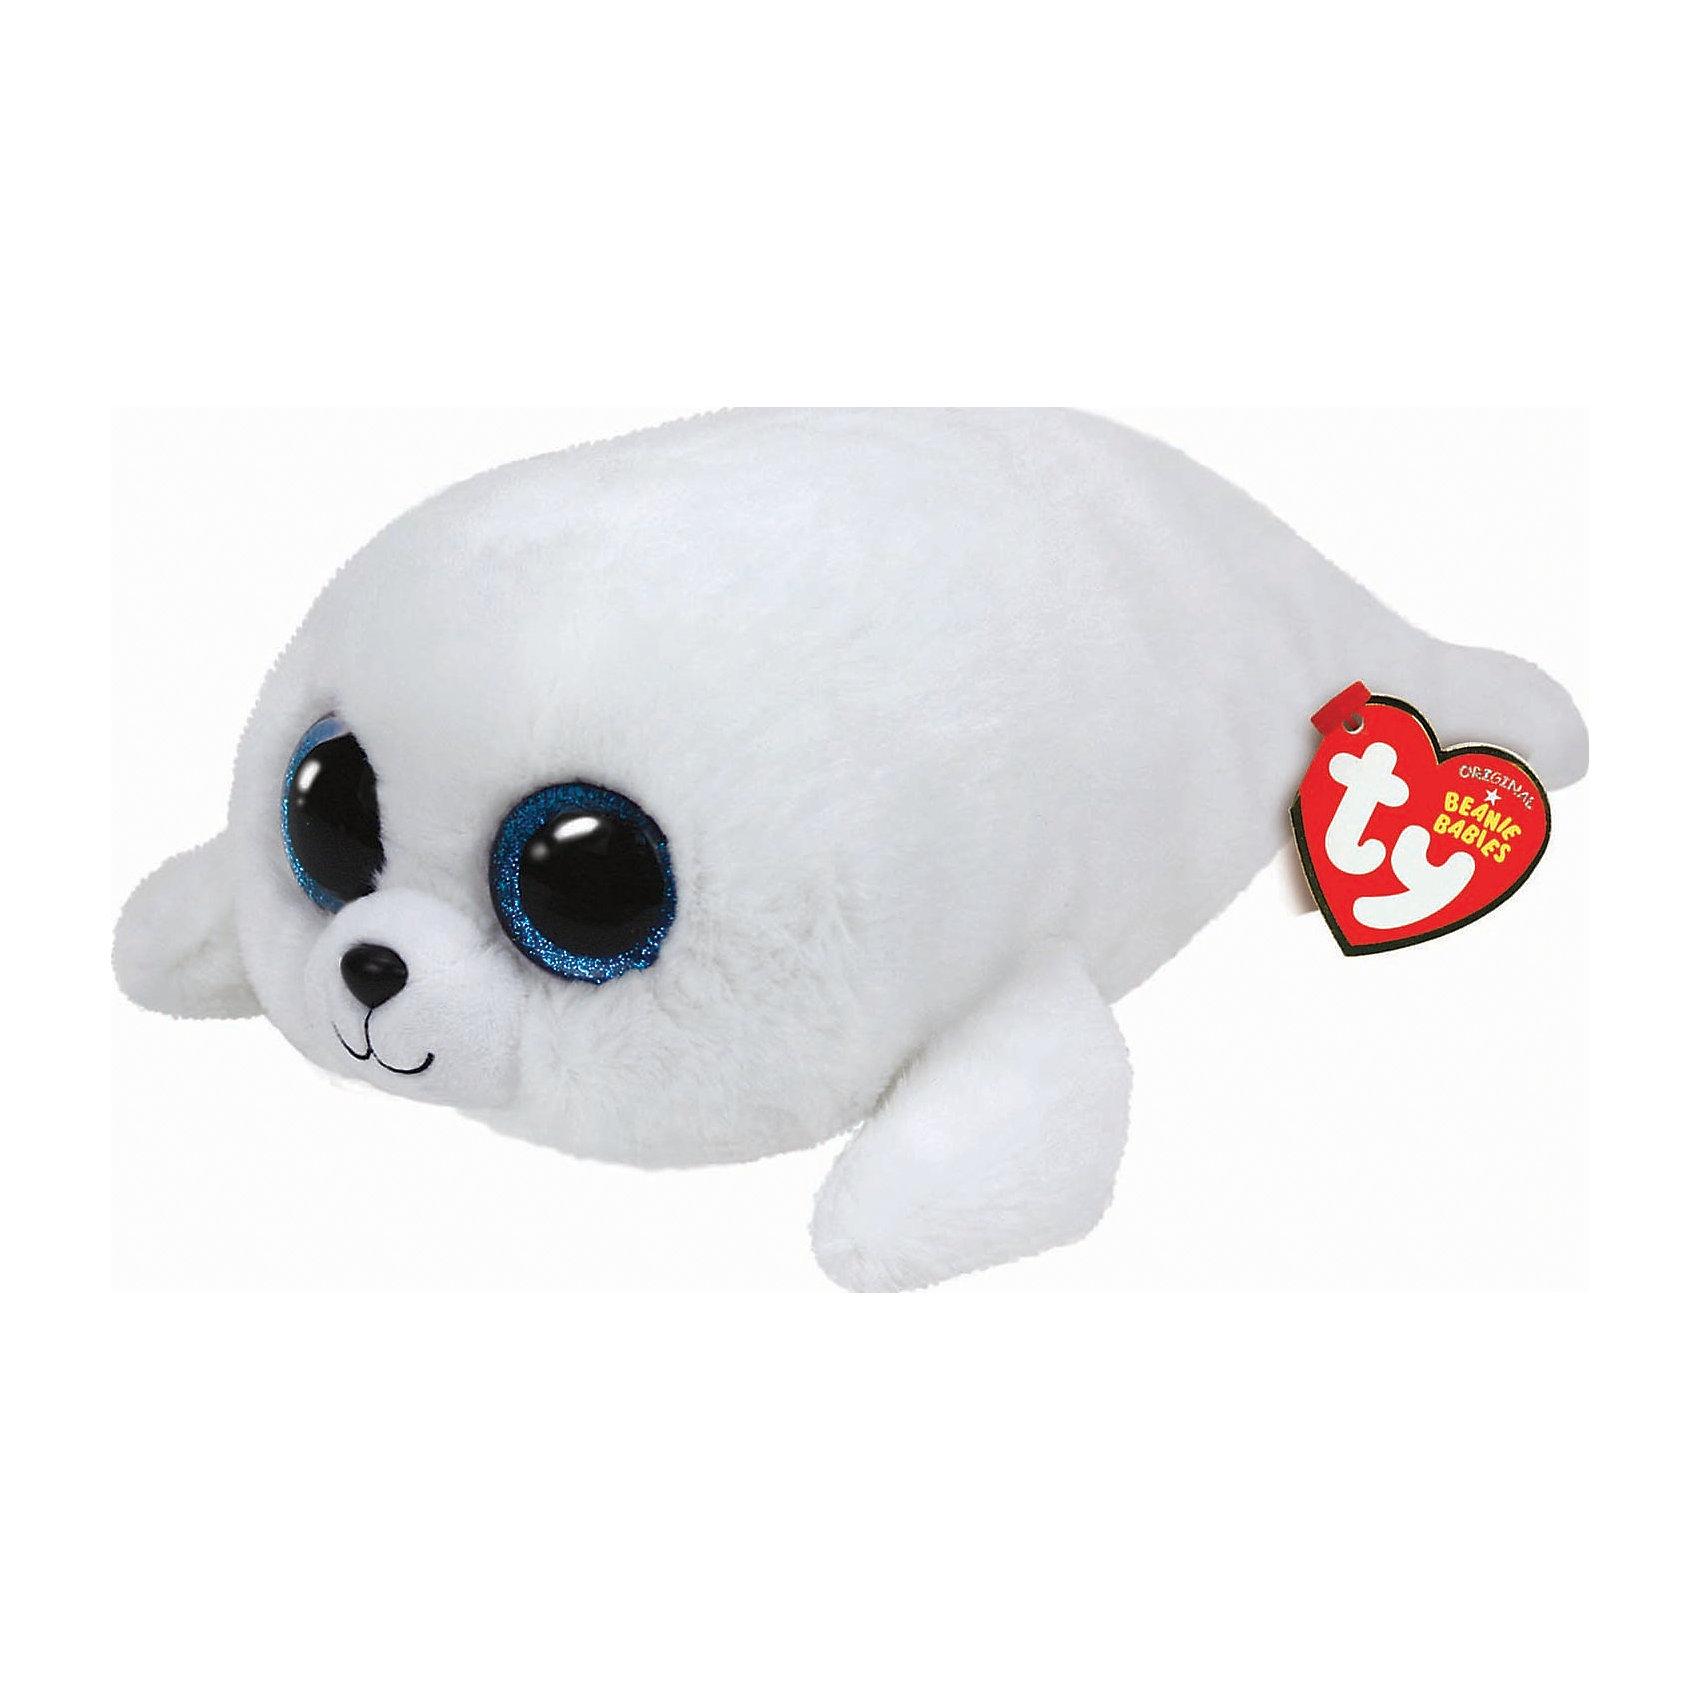 Белый тюлень Icing, 25 смЗвери и птицы<br>Белый тюлень Icing, 25 см – игрушка от бренда TY Inc (ТАЙ Инкорпорейтед), знаменитого своими мягкими игрушками, в качестве наполнителя для которых используются гранулы. Тюлень выполнен из качественного и гипоаллергенного плюша с ворсом белоснежного цвета. У игрушки большие выразительные глаза. Используемые материалы делают игрушку прочной, устойчивой к изменению цвета и формы, ее разрешается стирать.<br>Белый тюлень Icing, 25 см TY Inc непременно станет любимой игрушкой для вашего ребенка, а уникальный наполнитель будет способствовать  не  только развитию мелкой моторики пальцев, но и оказывать релаксирующее воздействие. <br><br>Дополнительная информация:<br><br>- Вид игр: сюжетно-ролевые игры, интерьерные игрушки, для коллекционирования<br>- Предназначение: для дома<br>- Материал: плюш, пластик, наполнитель ? гранулы<br>- Высота: 25 см<br>- Особенности ухода: разрешается стирка<br><br>Подробнее:<br><br>• Для детей в возрасте: от 12 месяцев и до 5 лет <br>• Страна производитель: Китай<br>• Торговый бренд: TY Inc <br><br>Белого тюленя Icing, 25 см можно купить в нашем интернет-магазине.<br><br>Ширина мм: 271<br>Глубина мм: 184<br>Высота мм: 111<br>Вес г: 205<br>Возраст от месяцев: 12<br>Возраст до месяцев: 60<br>Пол: Унисекс<br>Возраст: Детский<br>SKU: 4023915